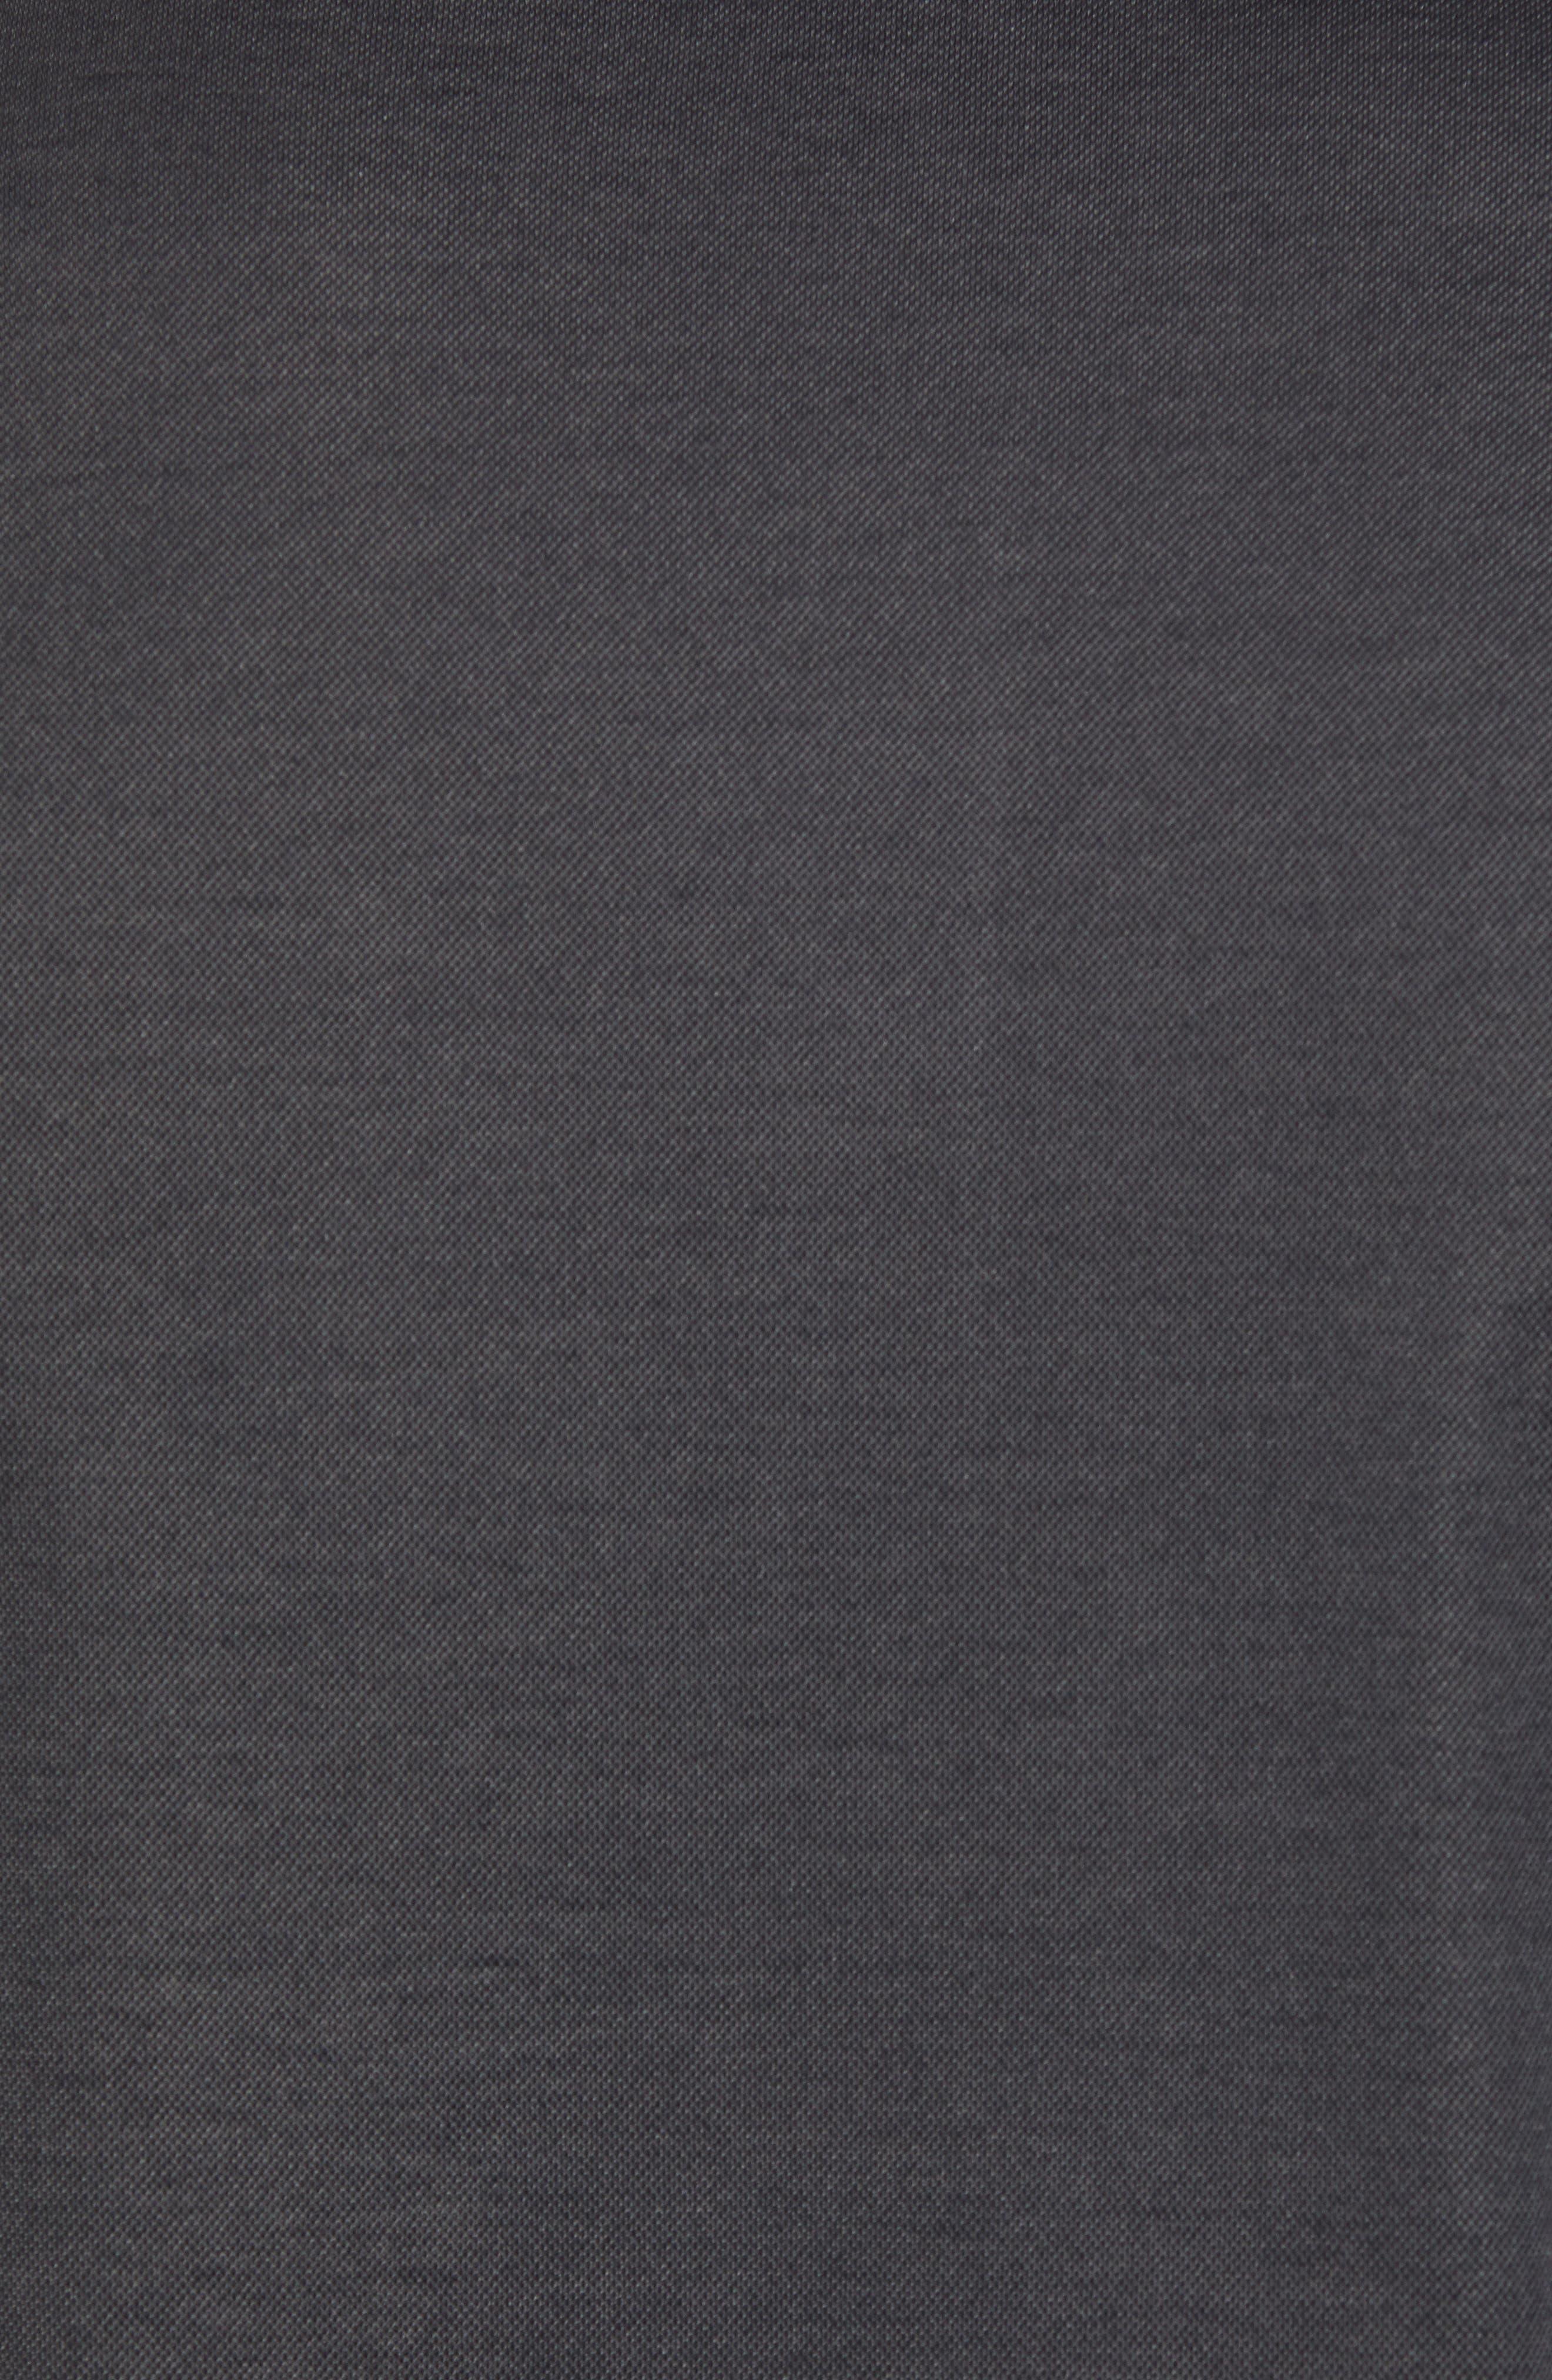 Caldwell Piqué Trim Fit Polo,                             Alternate thumbnail 5, color,                             Black